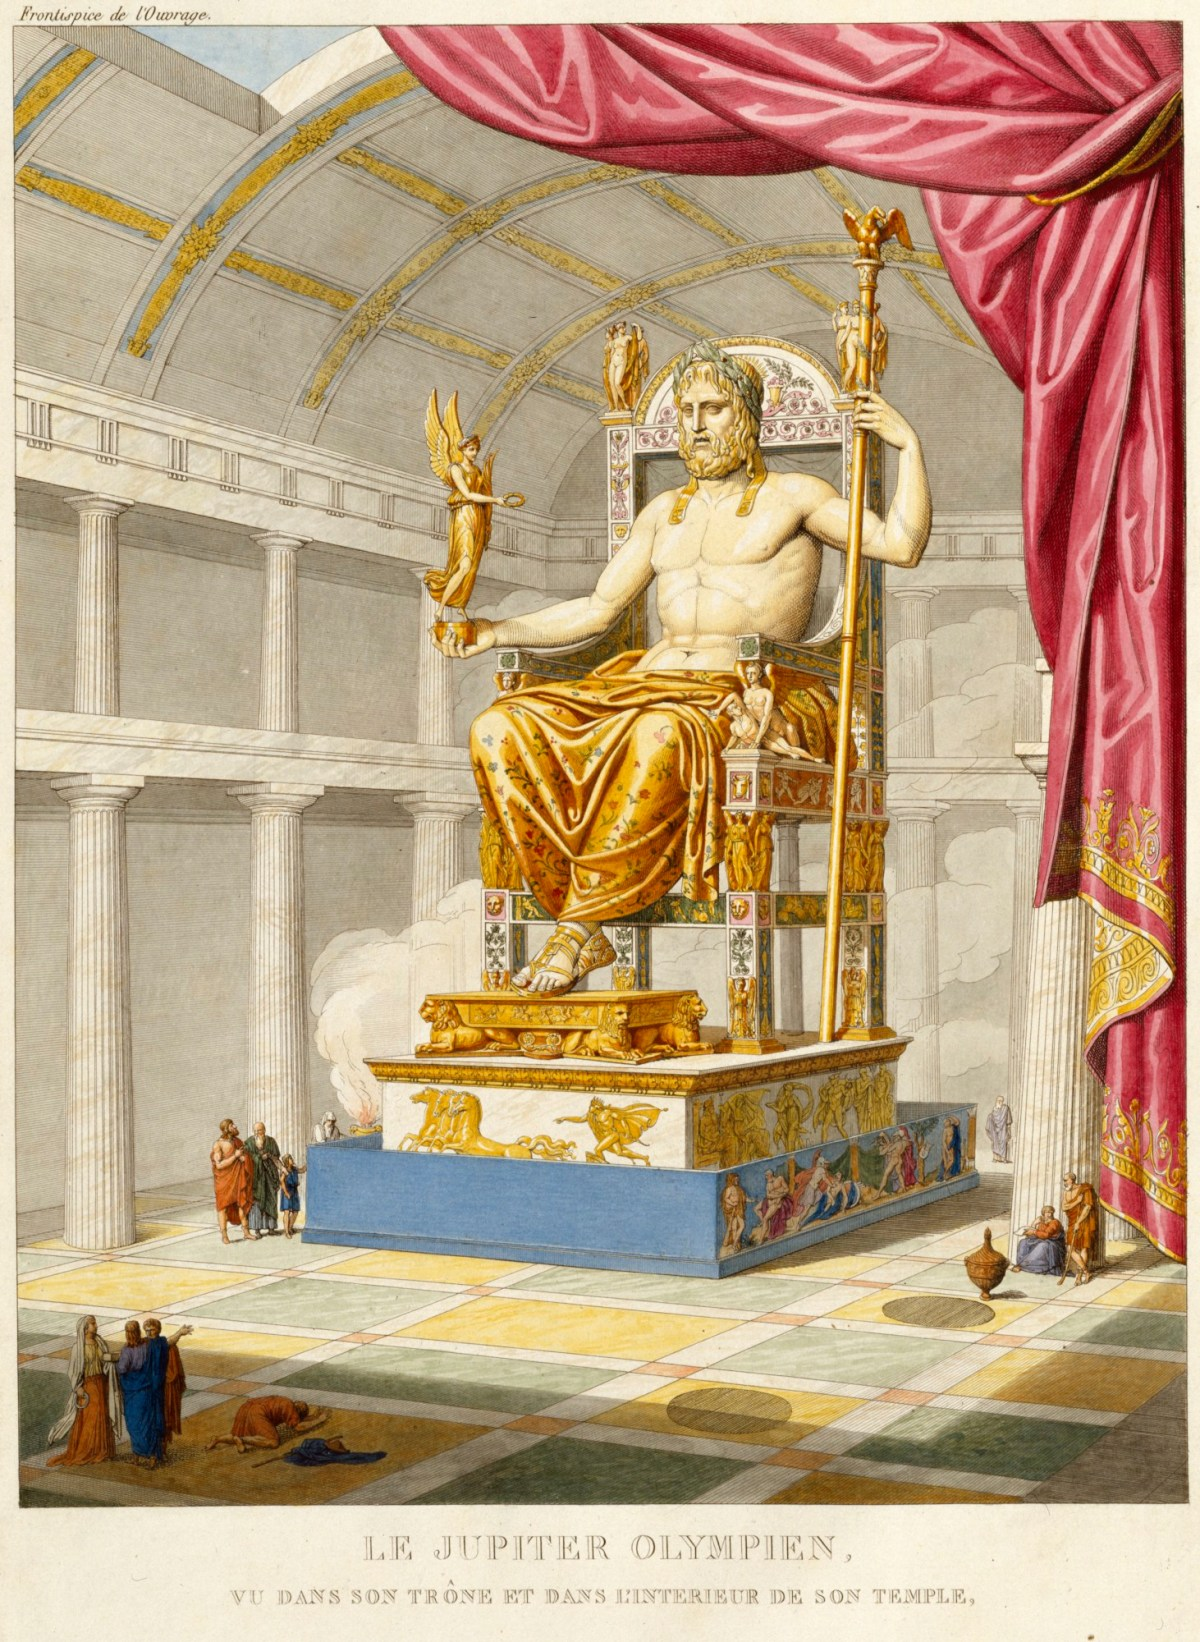 Grabado de la reproducción de la estatua de Zeus en Olimpia, obra de Antoine Chrysostome Quatremère de Quincy